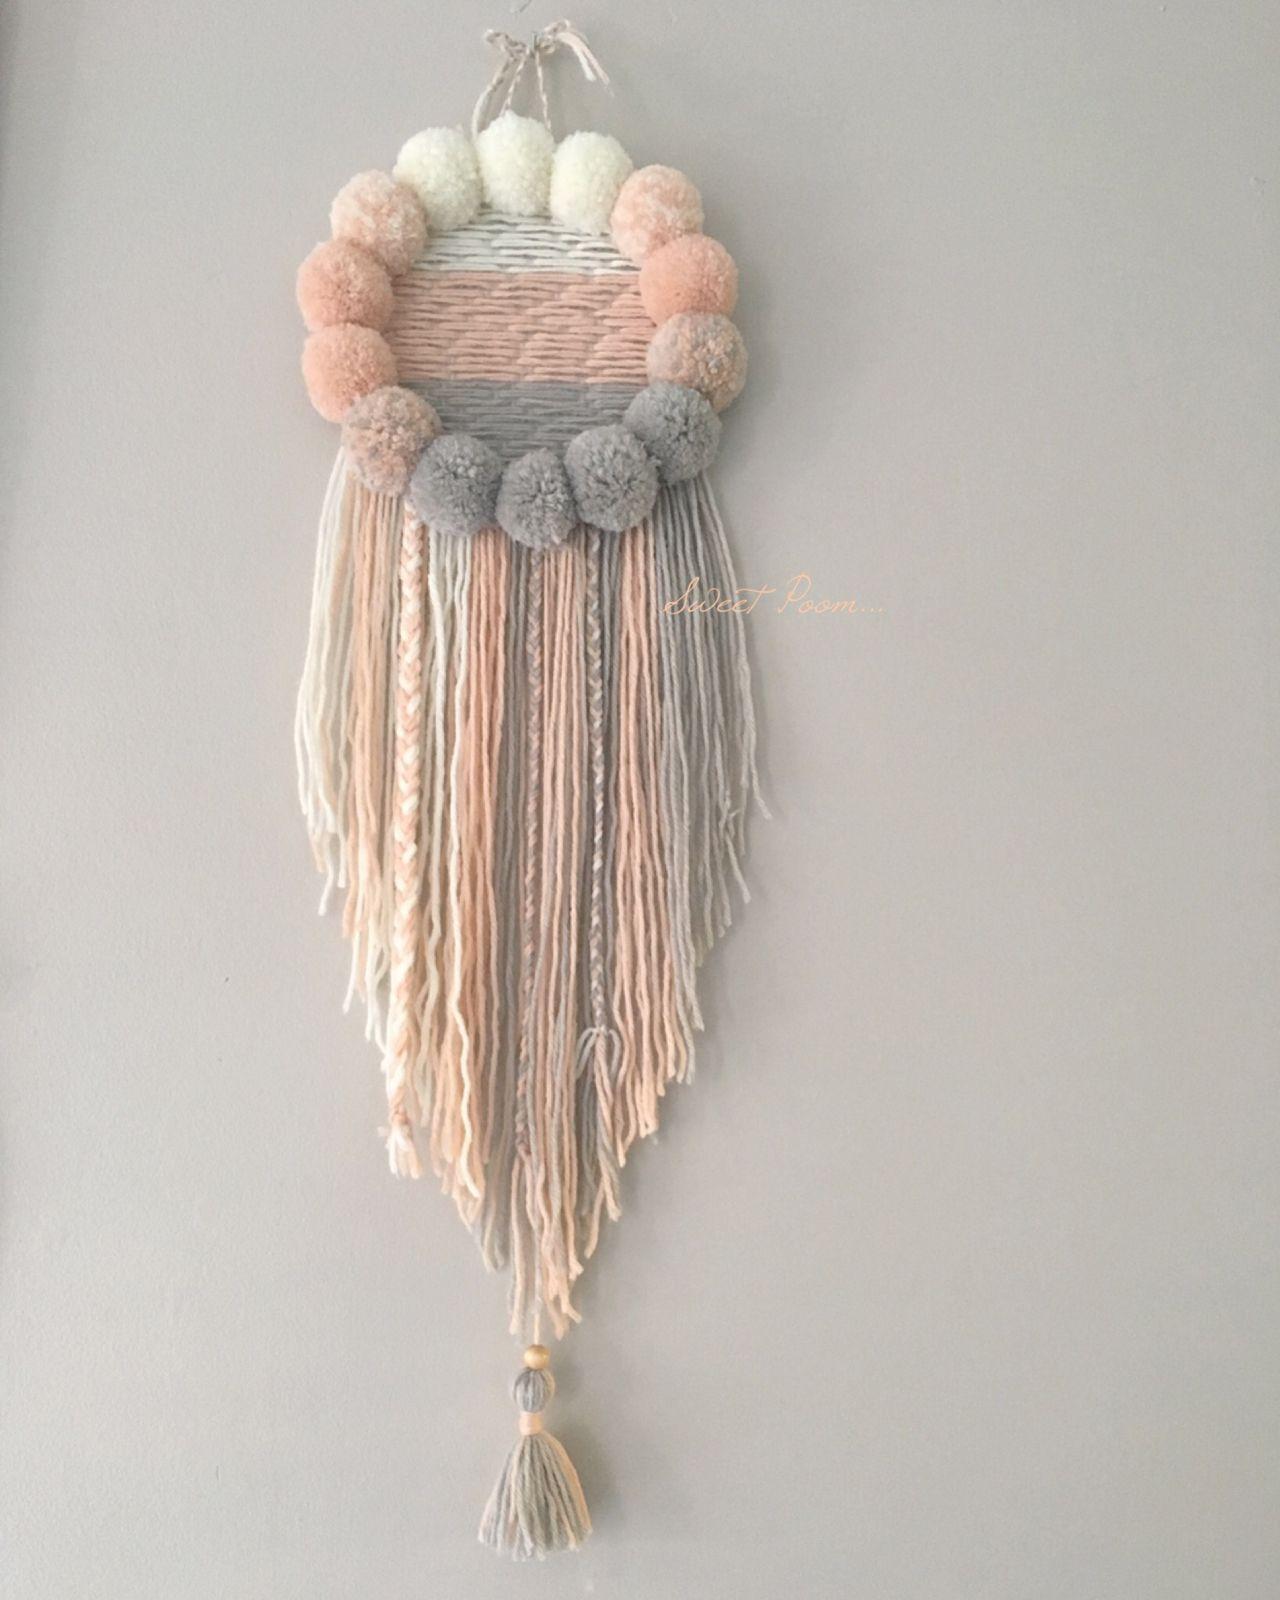 Attrape r ves mod le unique enti rement confectionn la main fait de pompons de laine et de - Attrape reve pompon ...